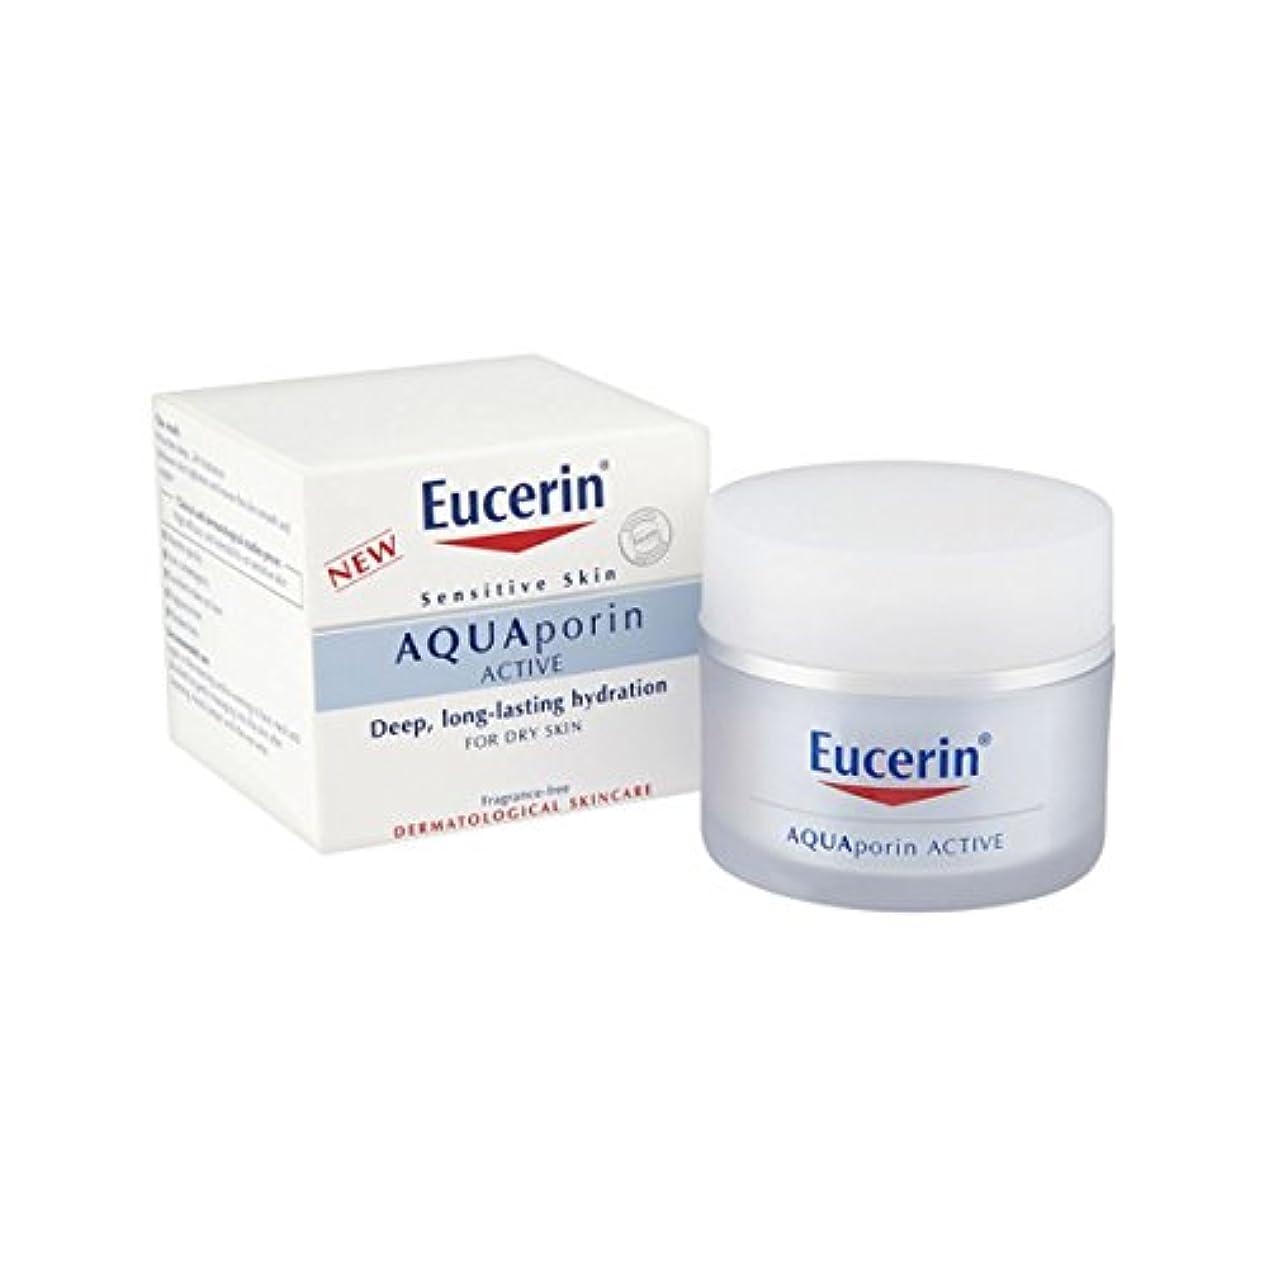 デンマーク語効果的に演劇Eucerin Aquaporin Active Dry Skin 50ml [並行輸入品]